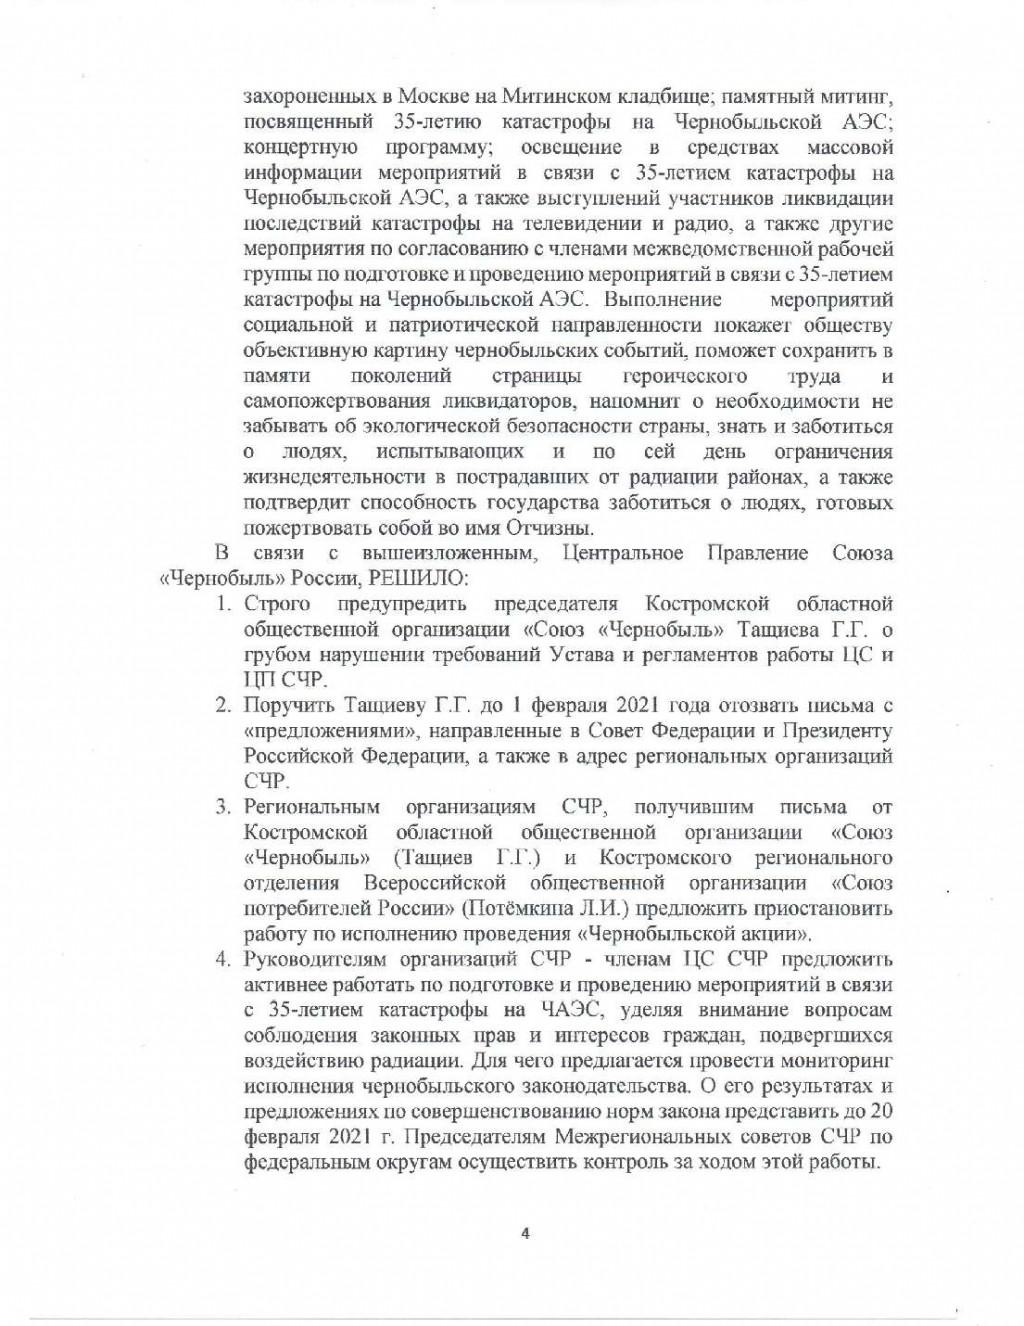 """Решение внеочередного заседания Центрального Правления Союза """"Чернобыль"""" России"""